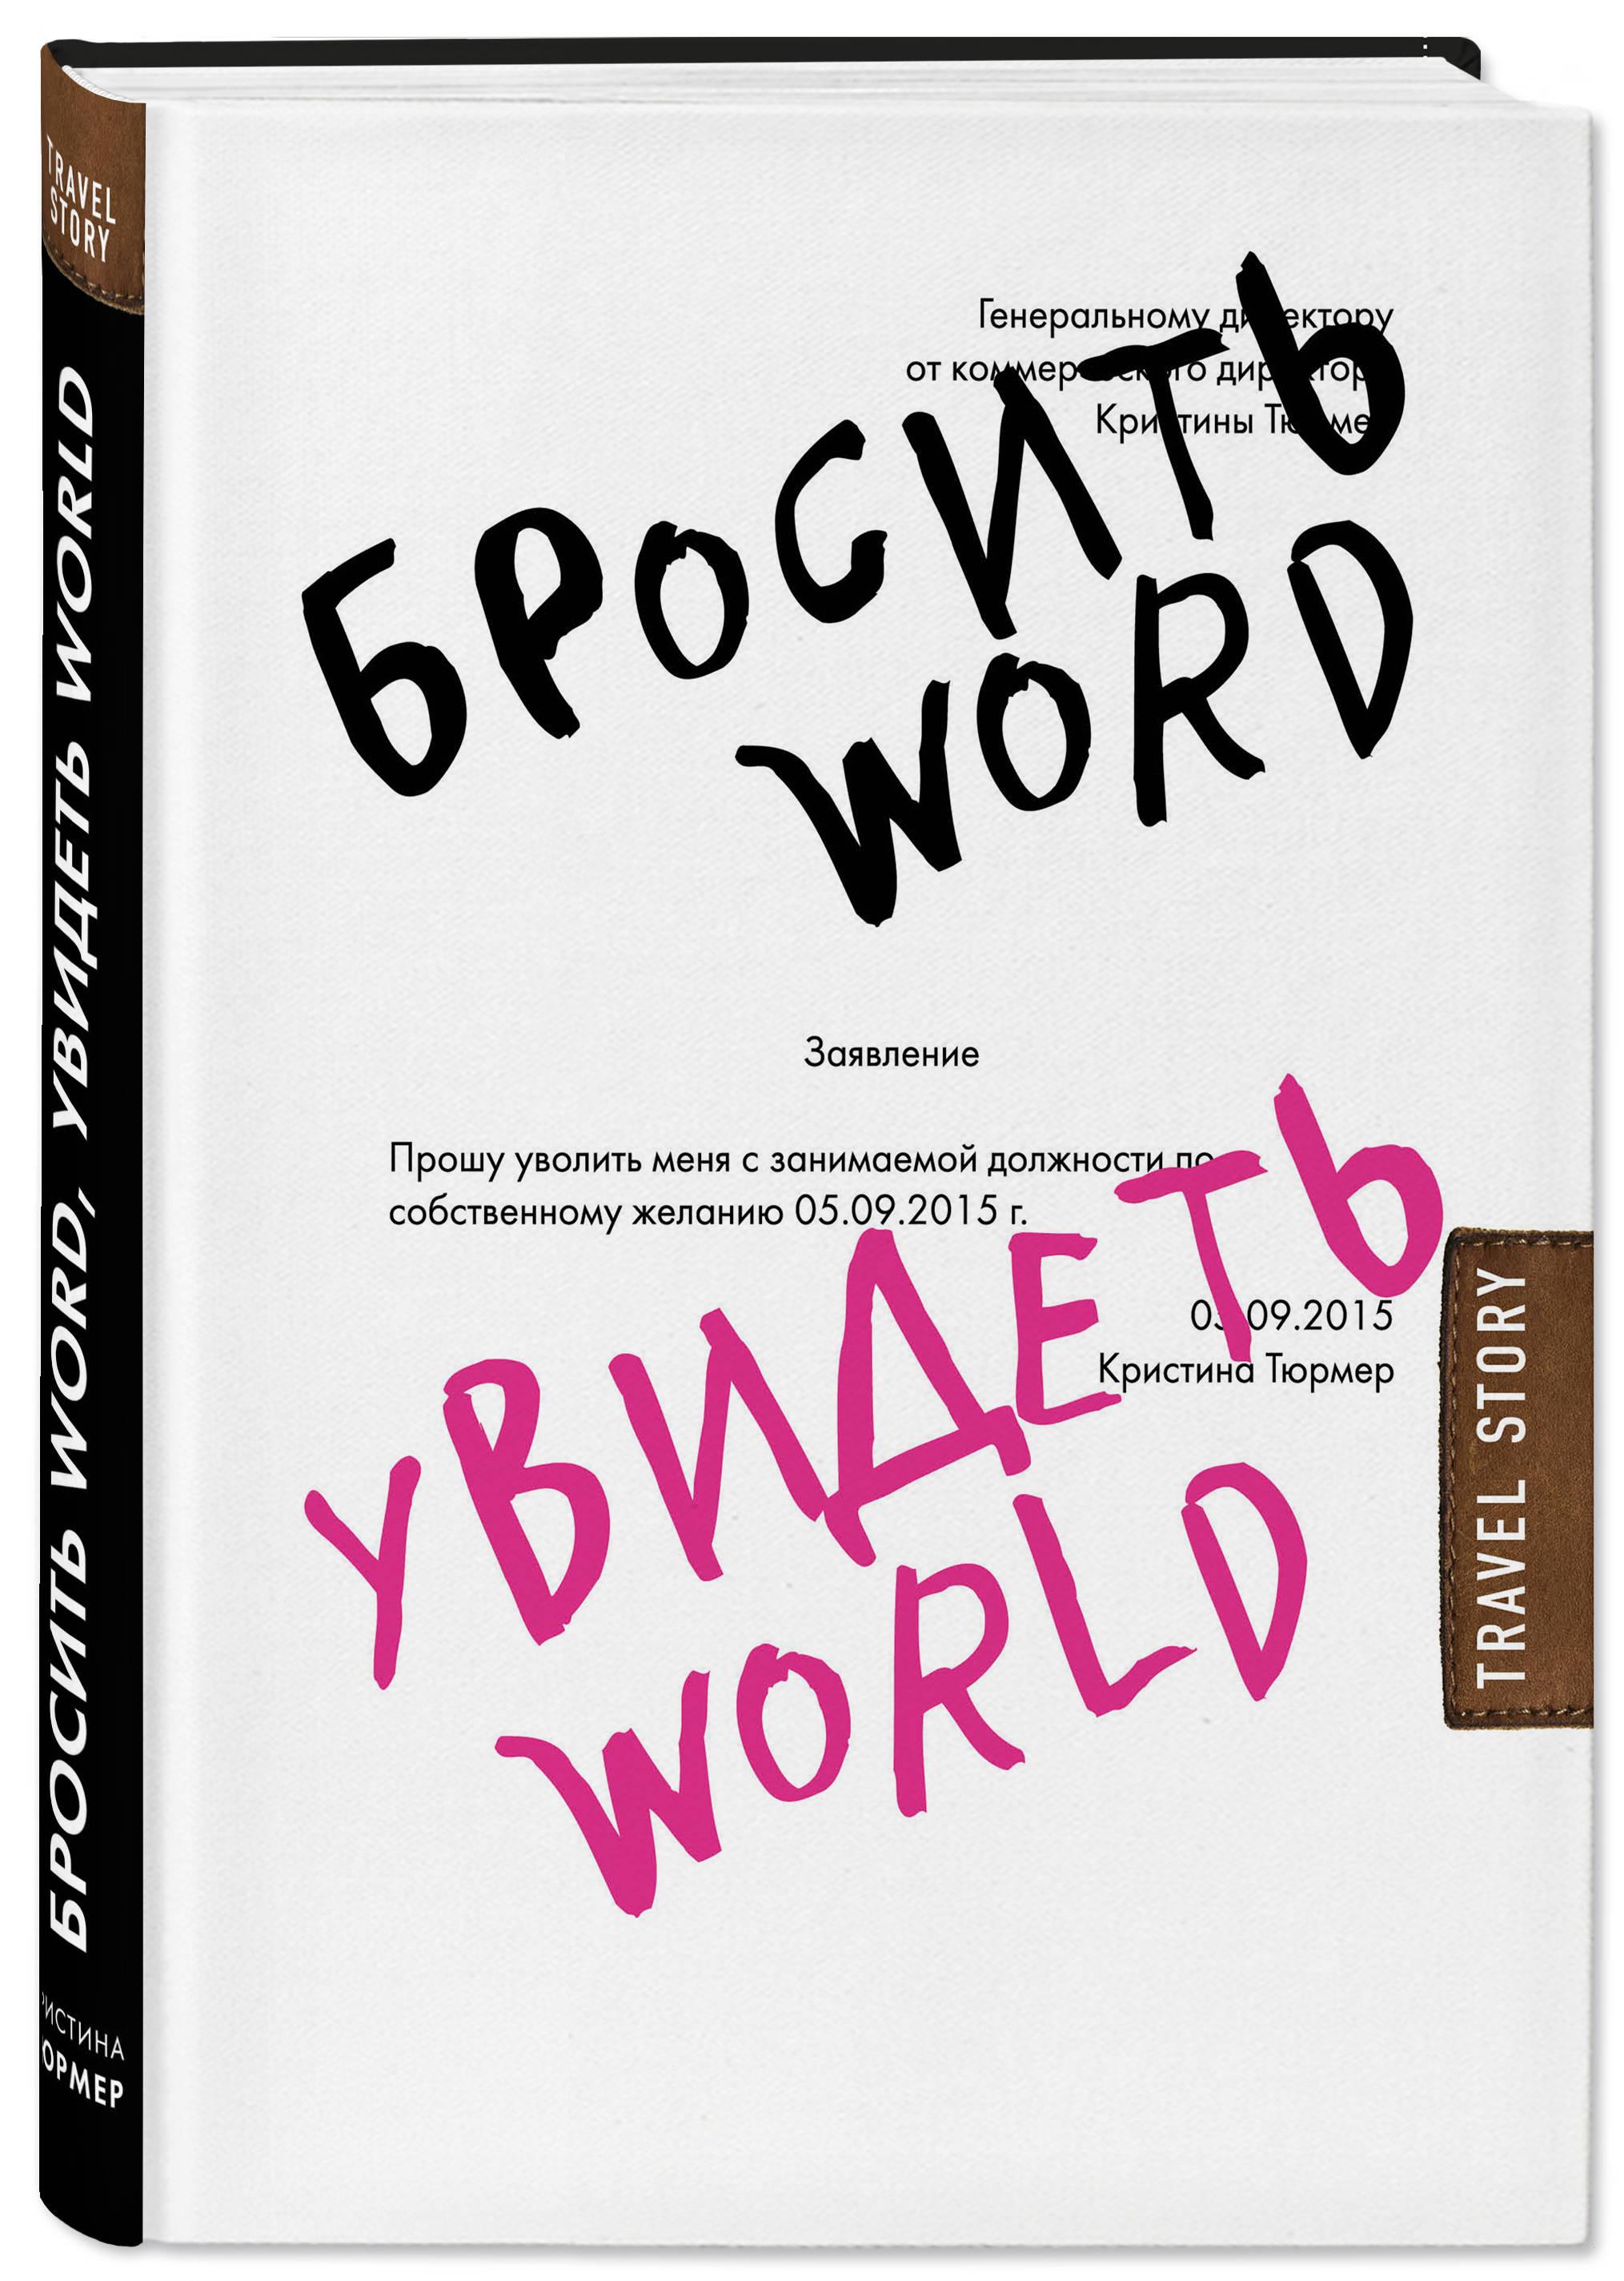 Кристина Тюрмер Бросить Word, увидеть World. Офисное рабство или красота мира тюрмер к бросить word увидеть world